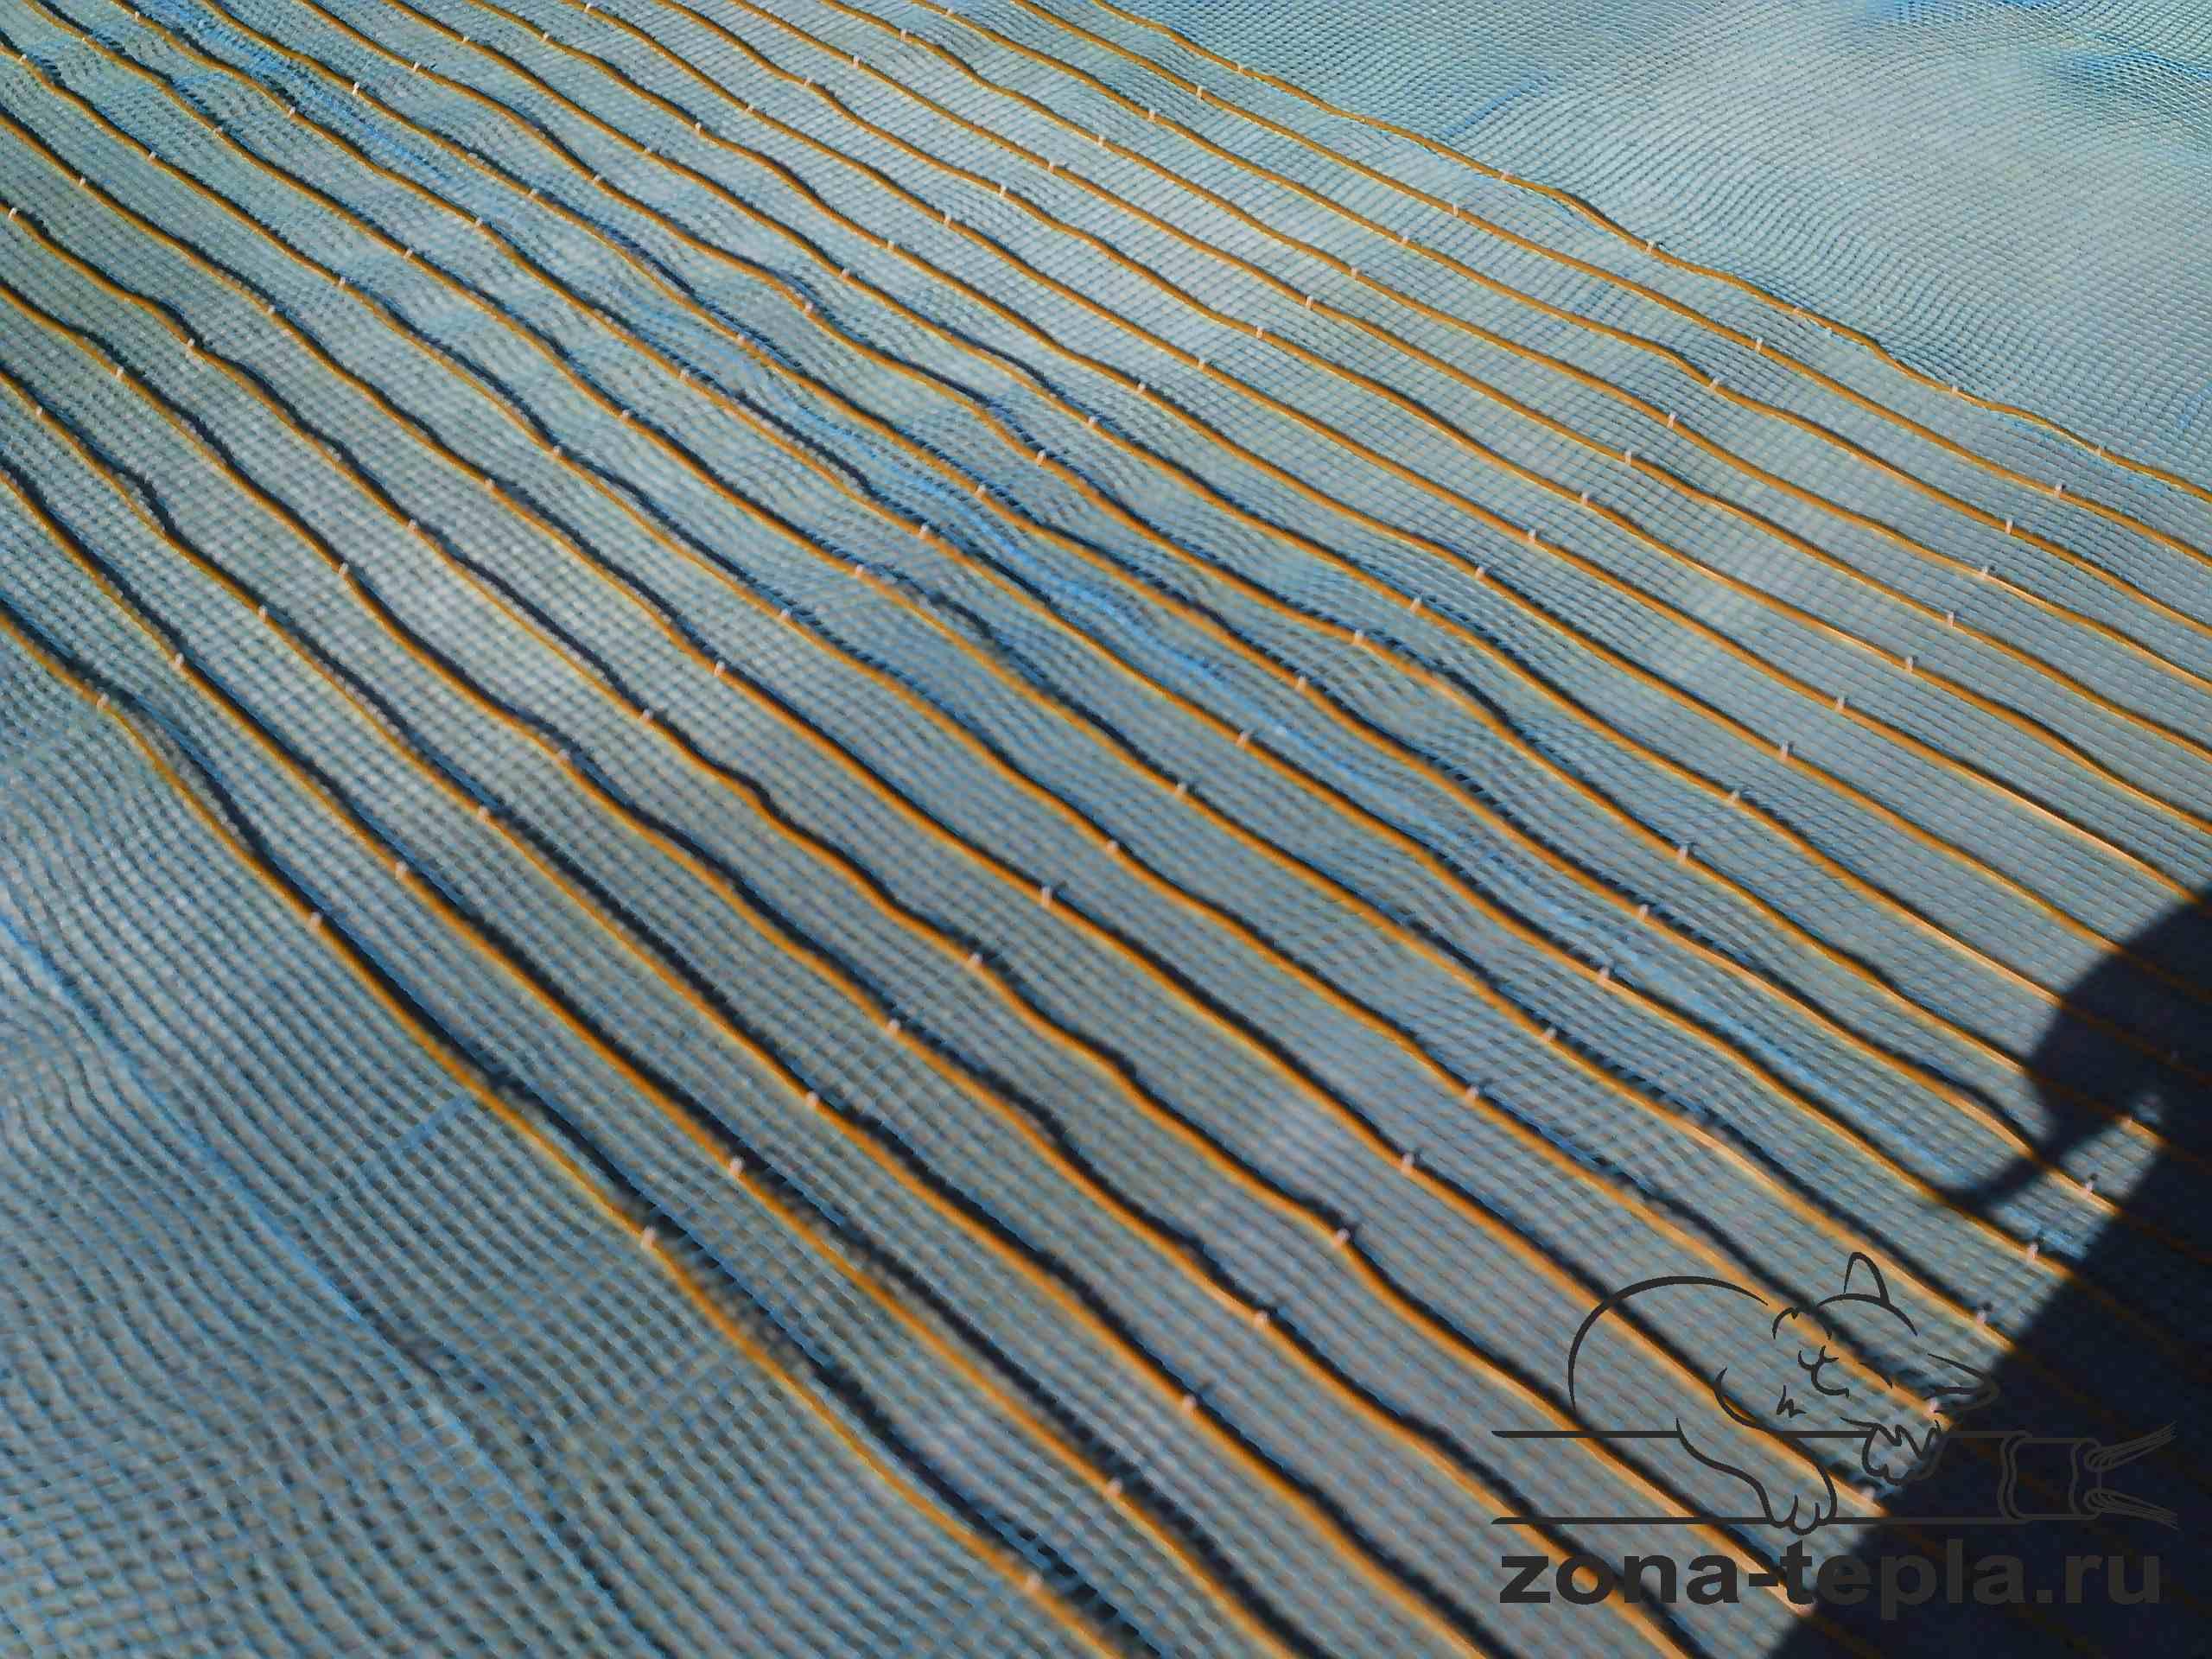 обогрев открытых площадок резистивным греющим кабелем